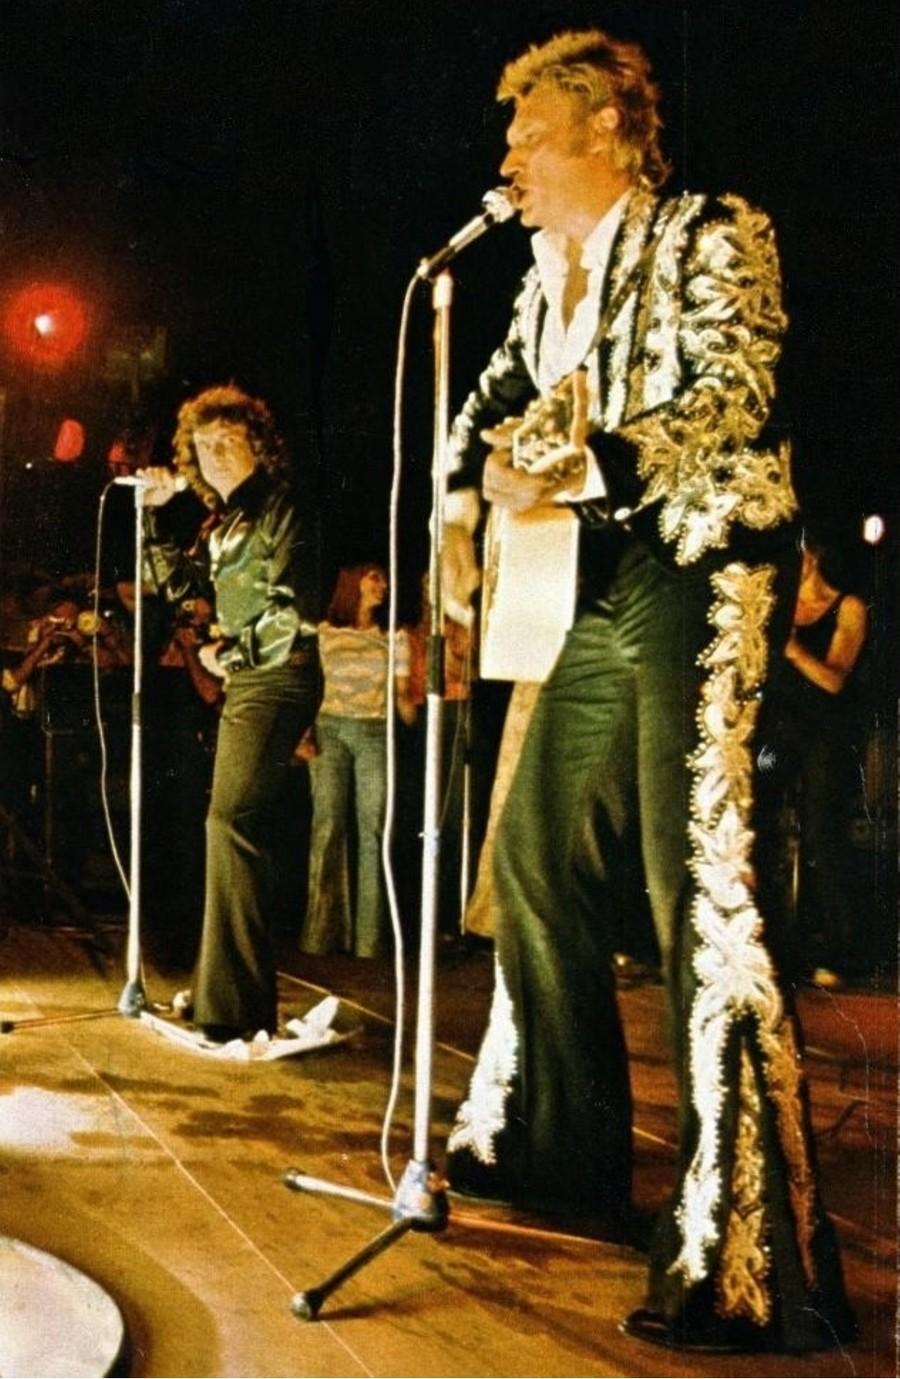 LES CONCERTS DE JOHNNY 'BEZIERS 1974' 74-g0215